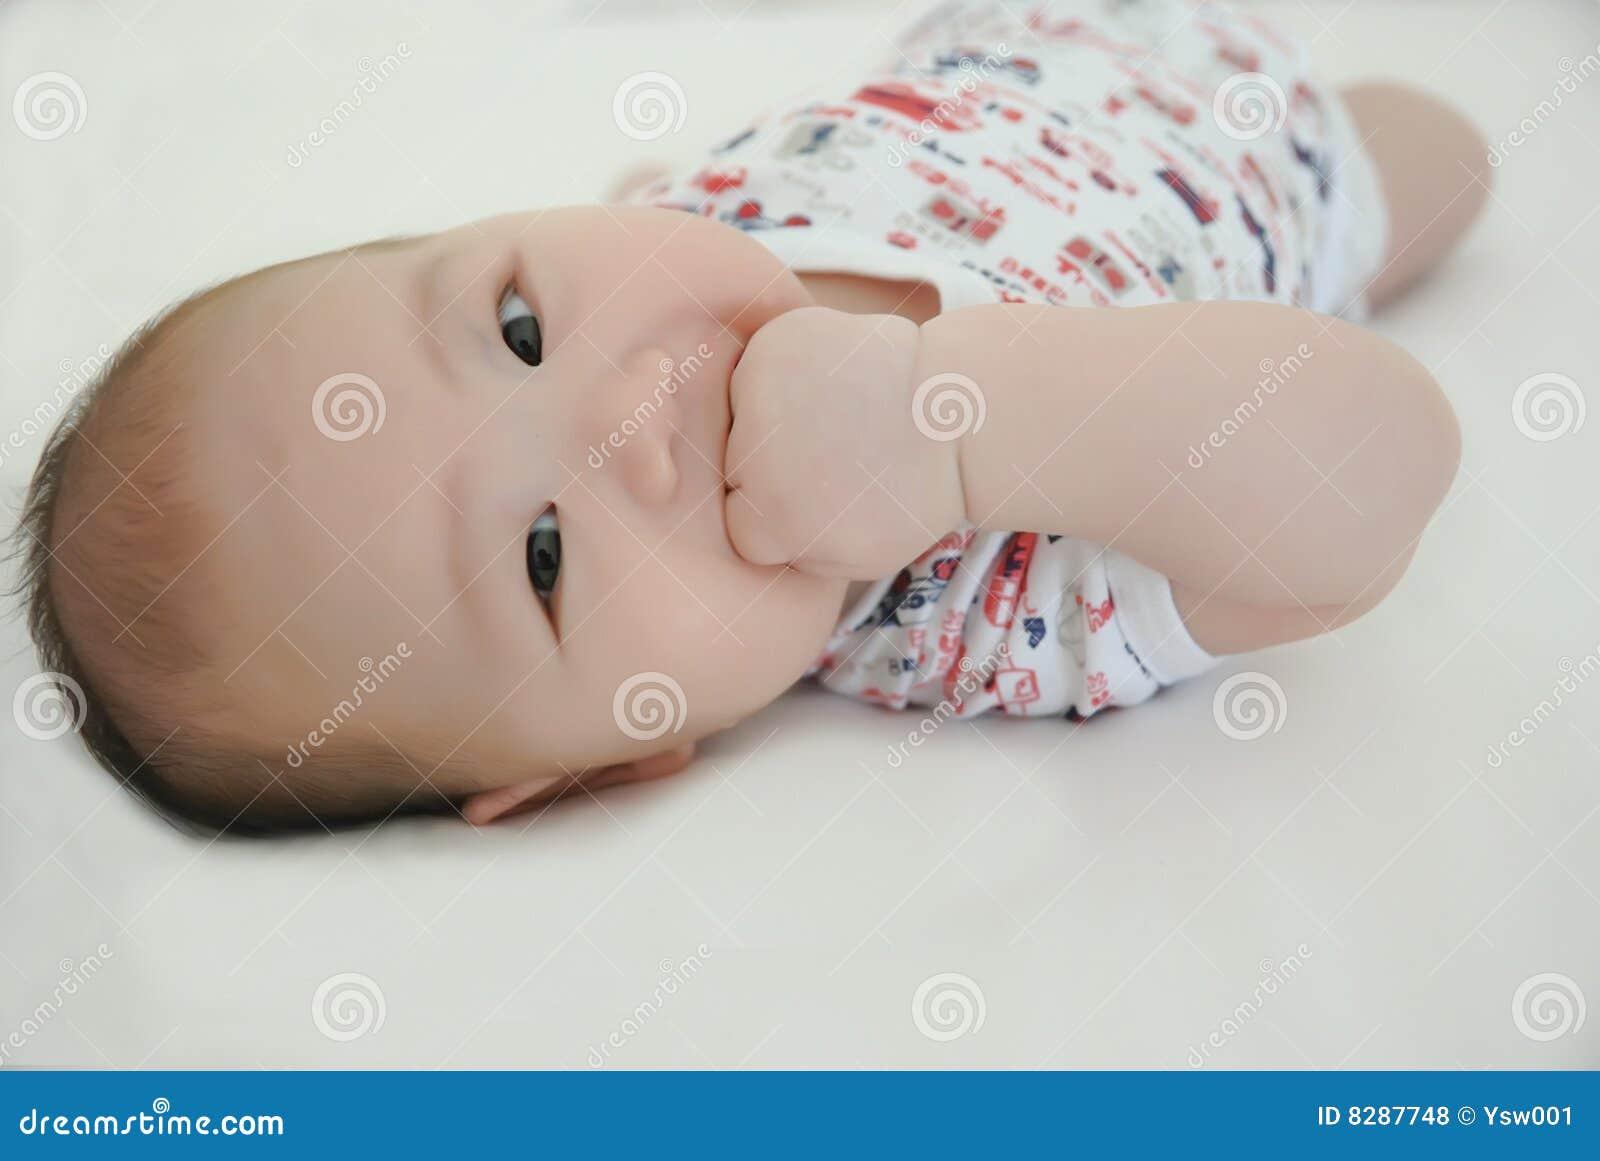 Un neonato da 3 mesi fotografia stock. Immagine di ...